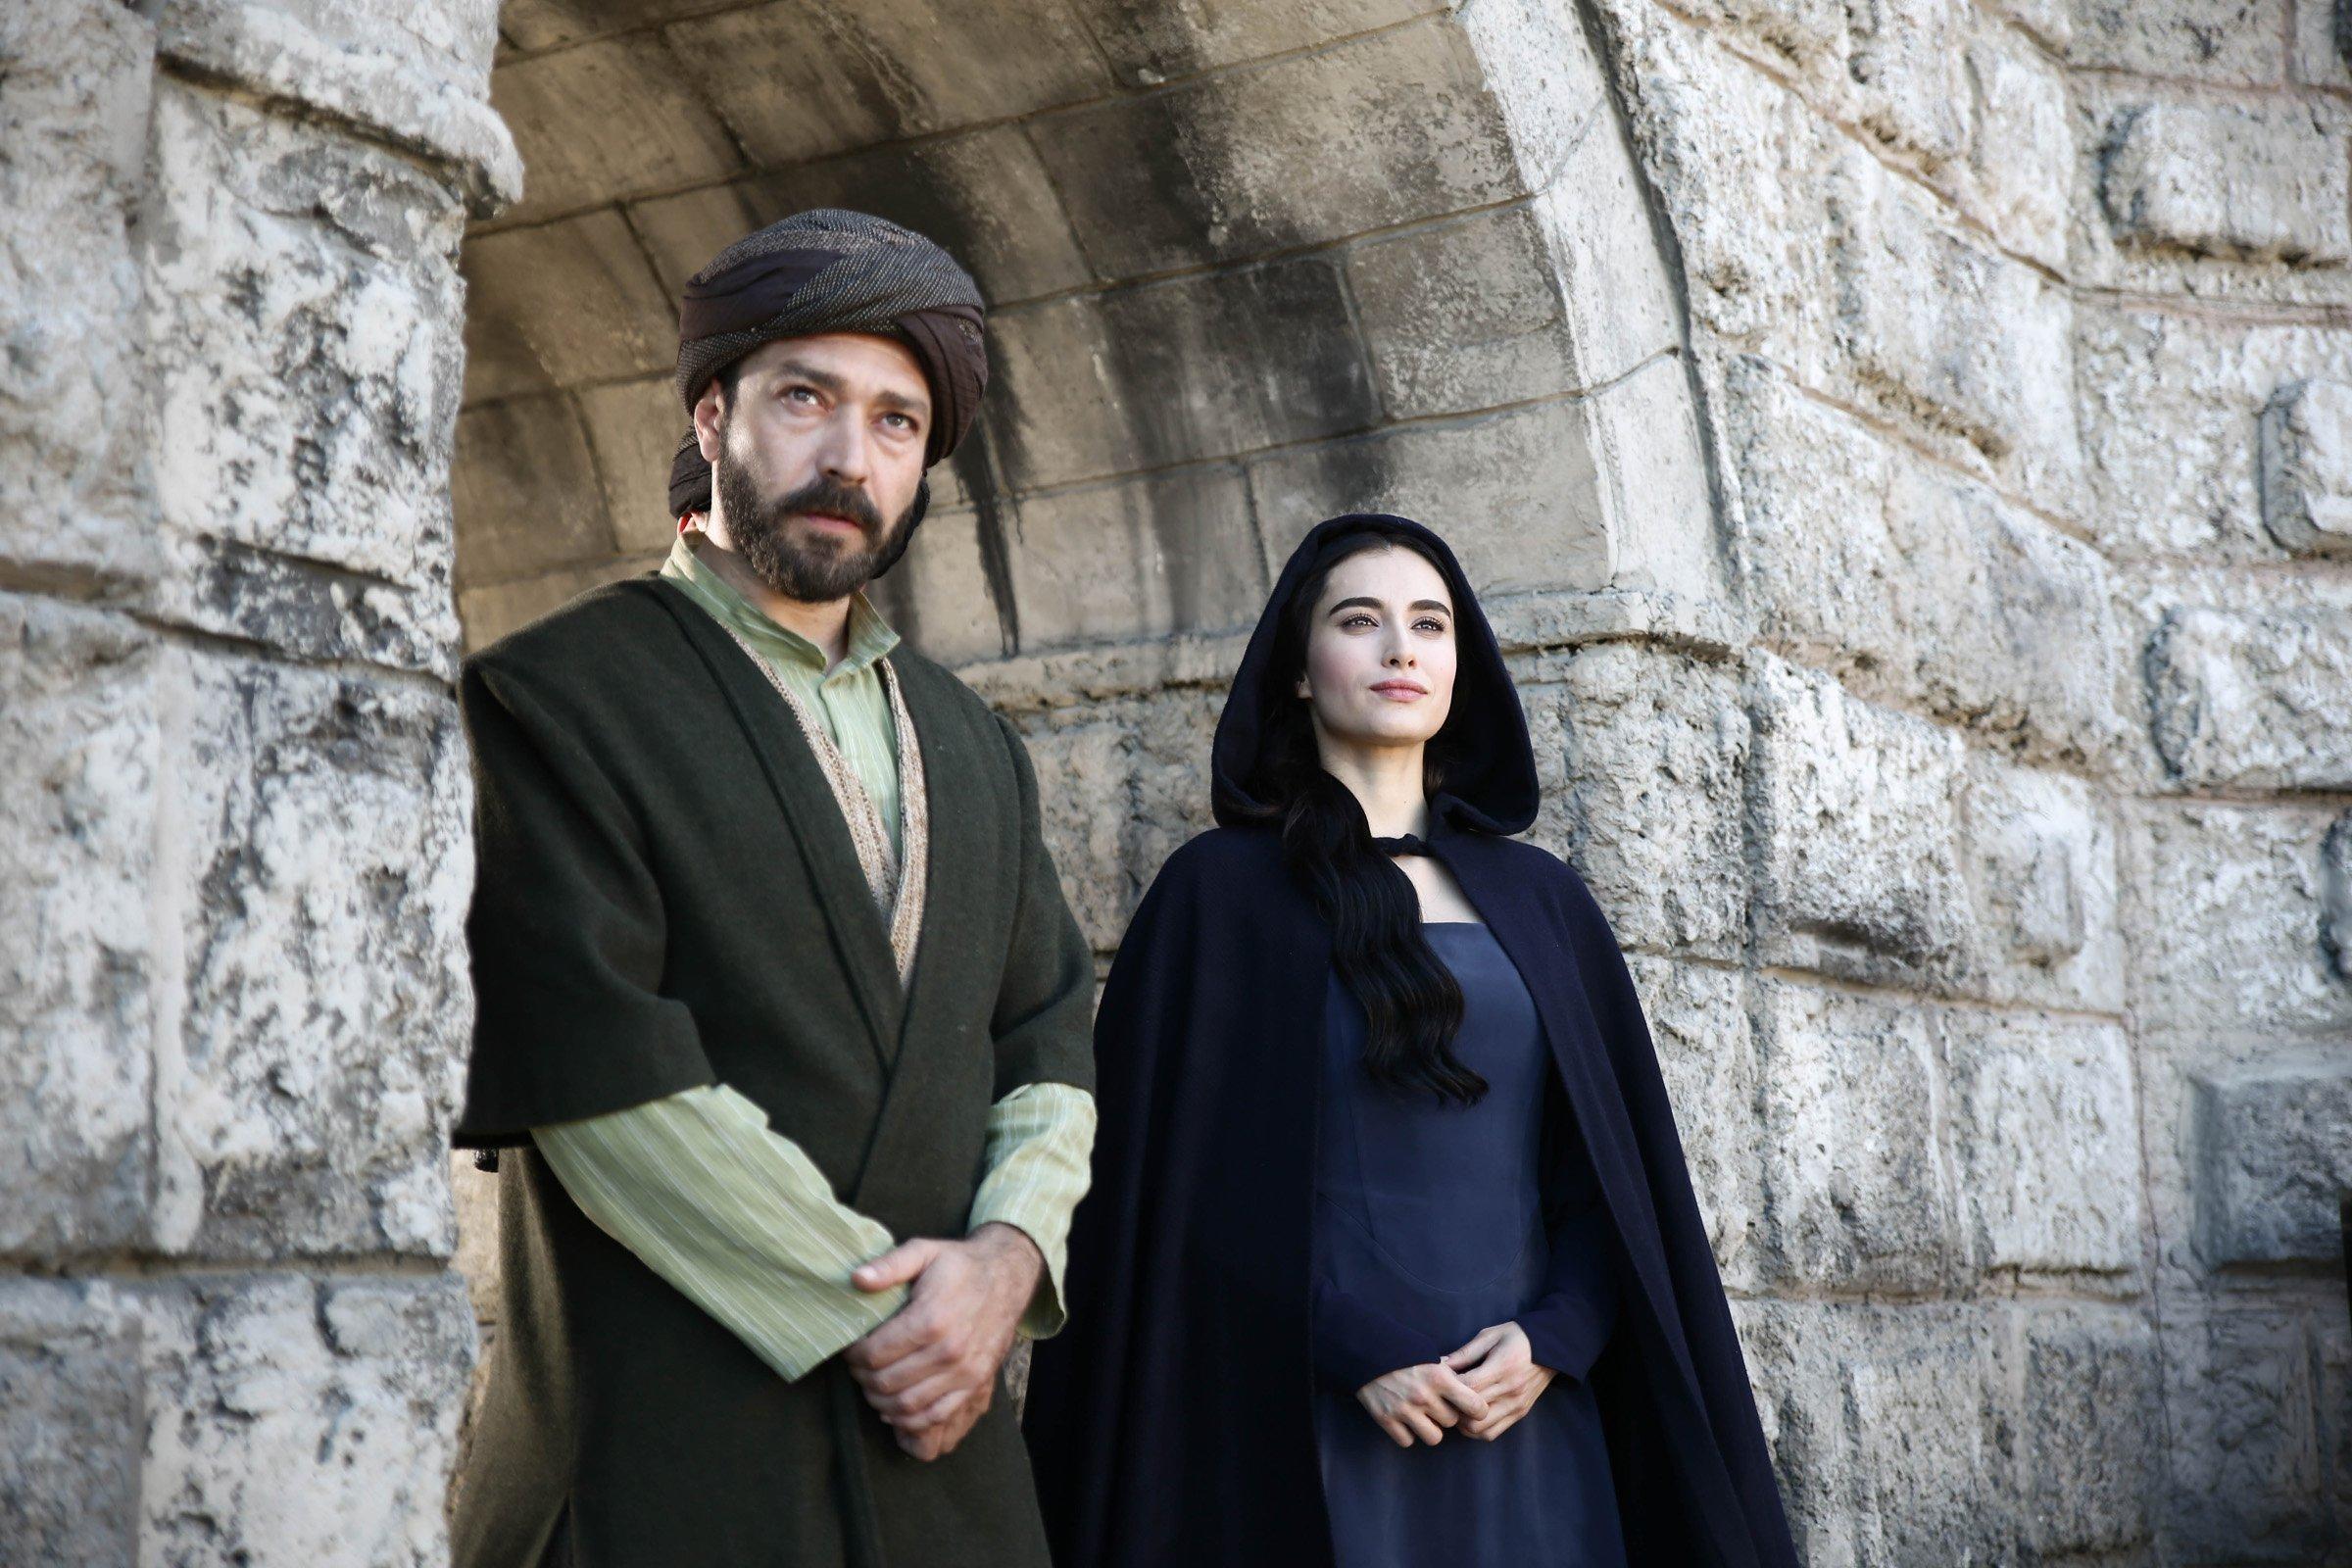 турецкие исторические фильмы на русском языке